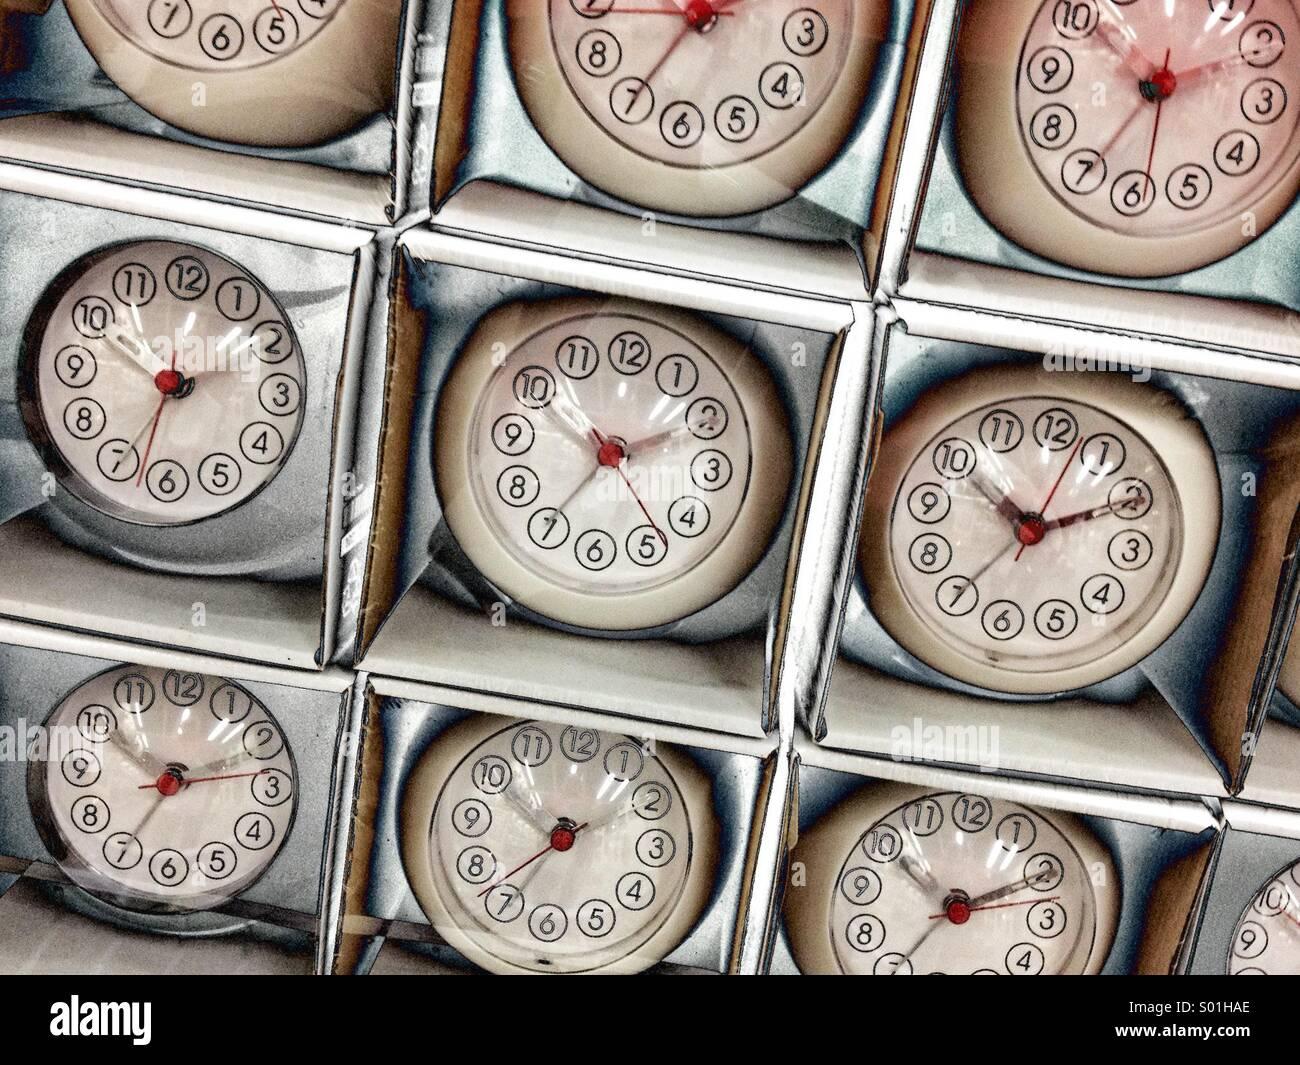 Relojes Imagen De Stock